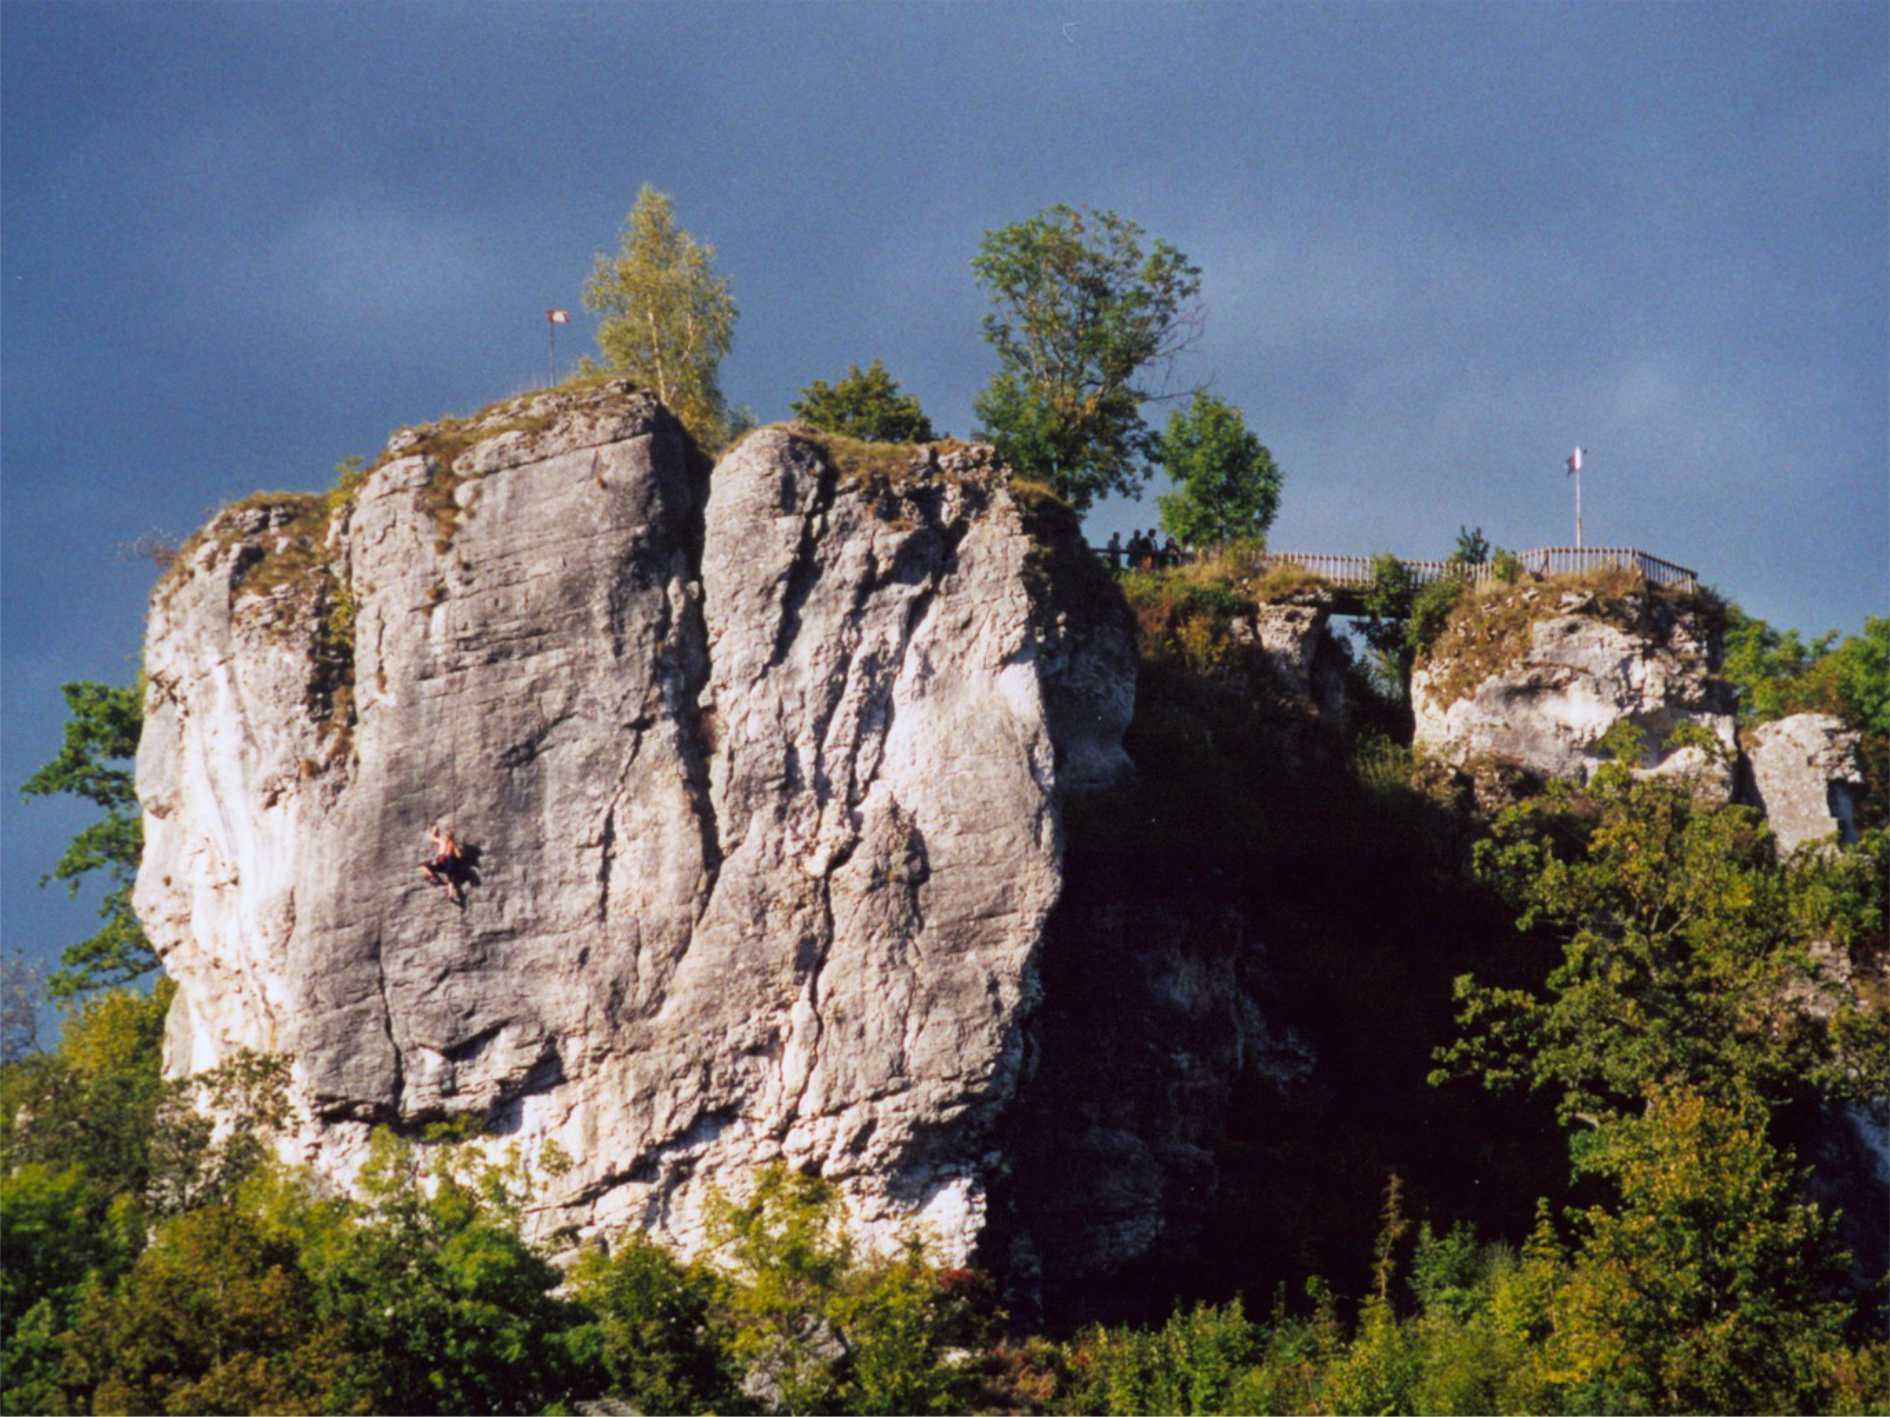 Streitberger Schild im Naturpark Fränkische Schweiz - Frankenjura